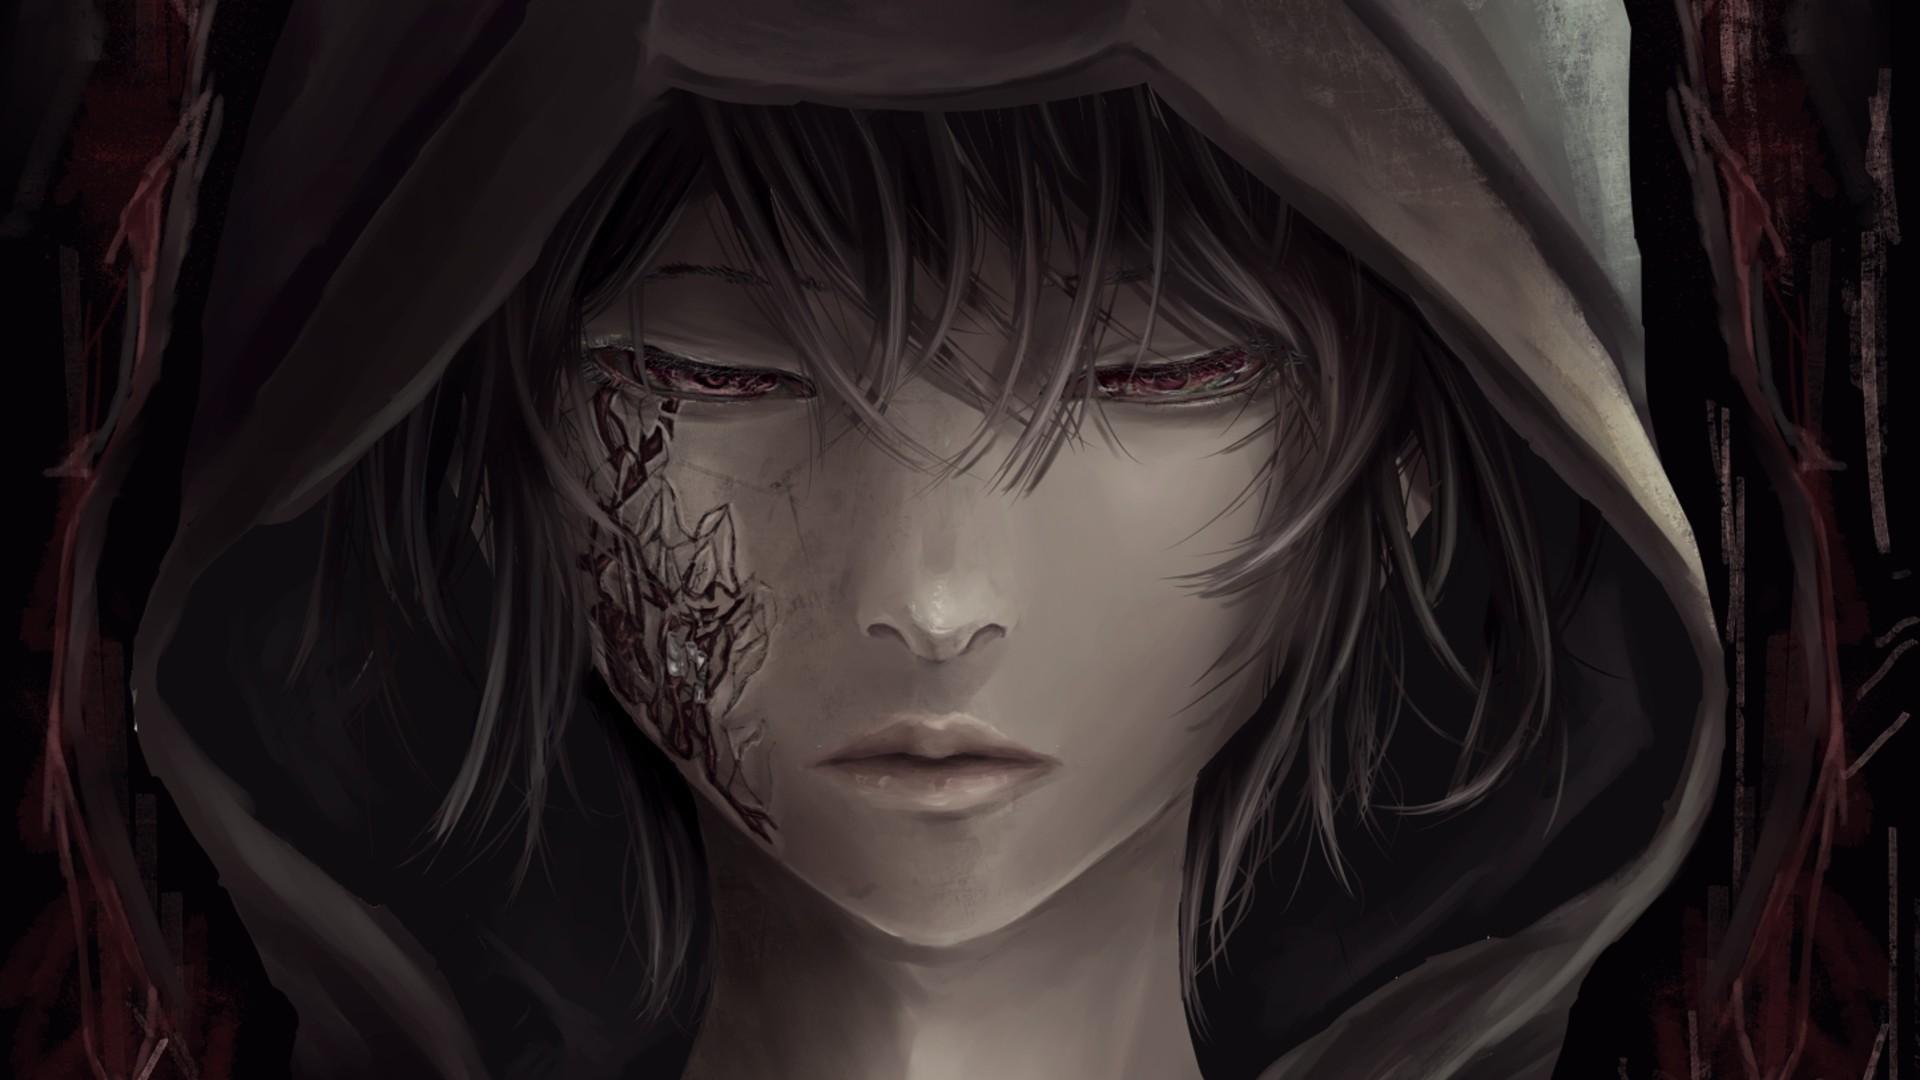 Anime Demon Boy Wallpaper image hd